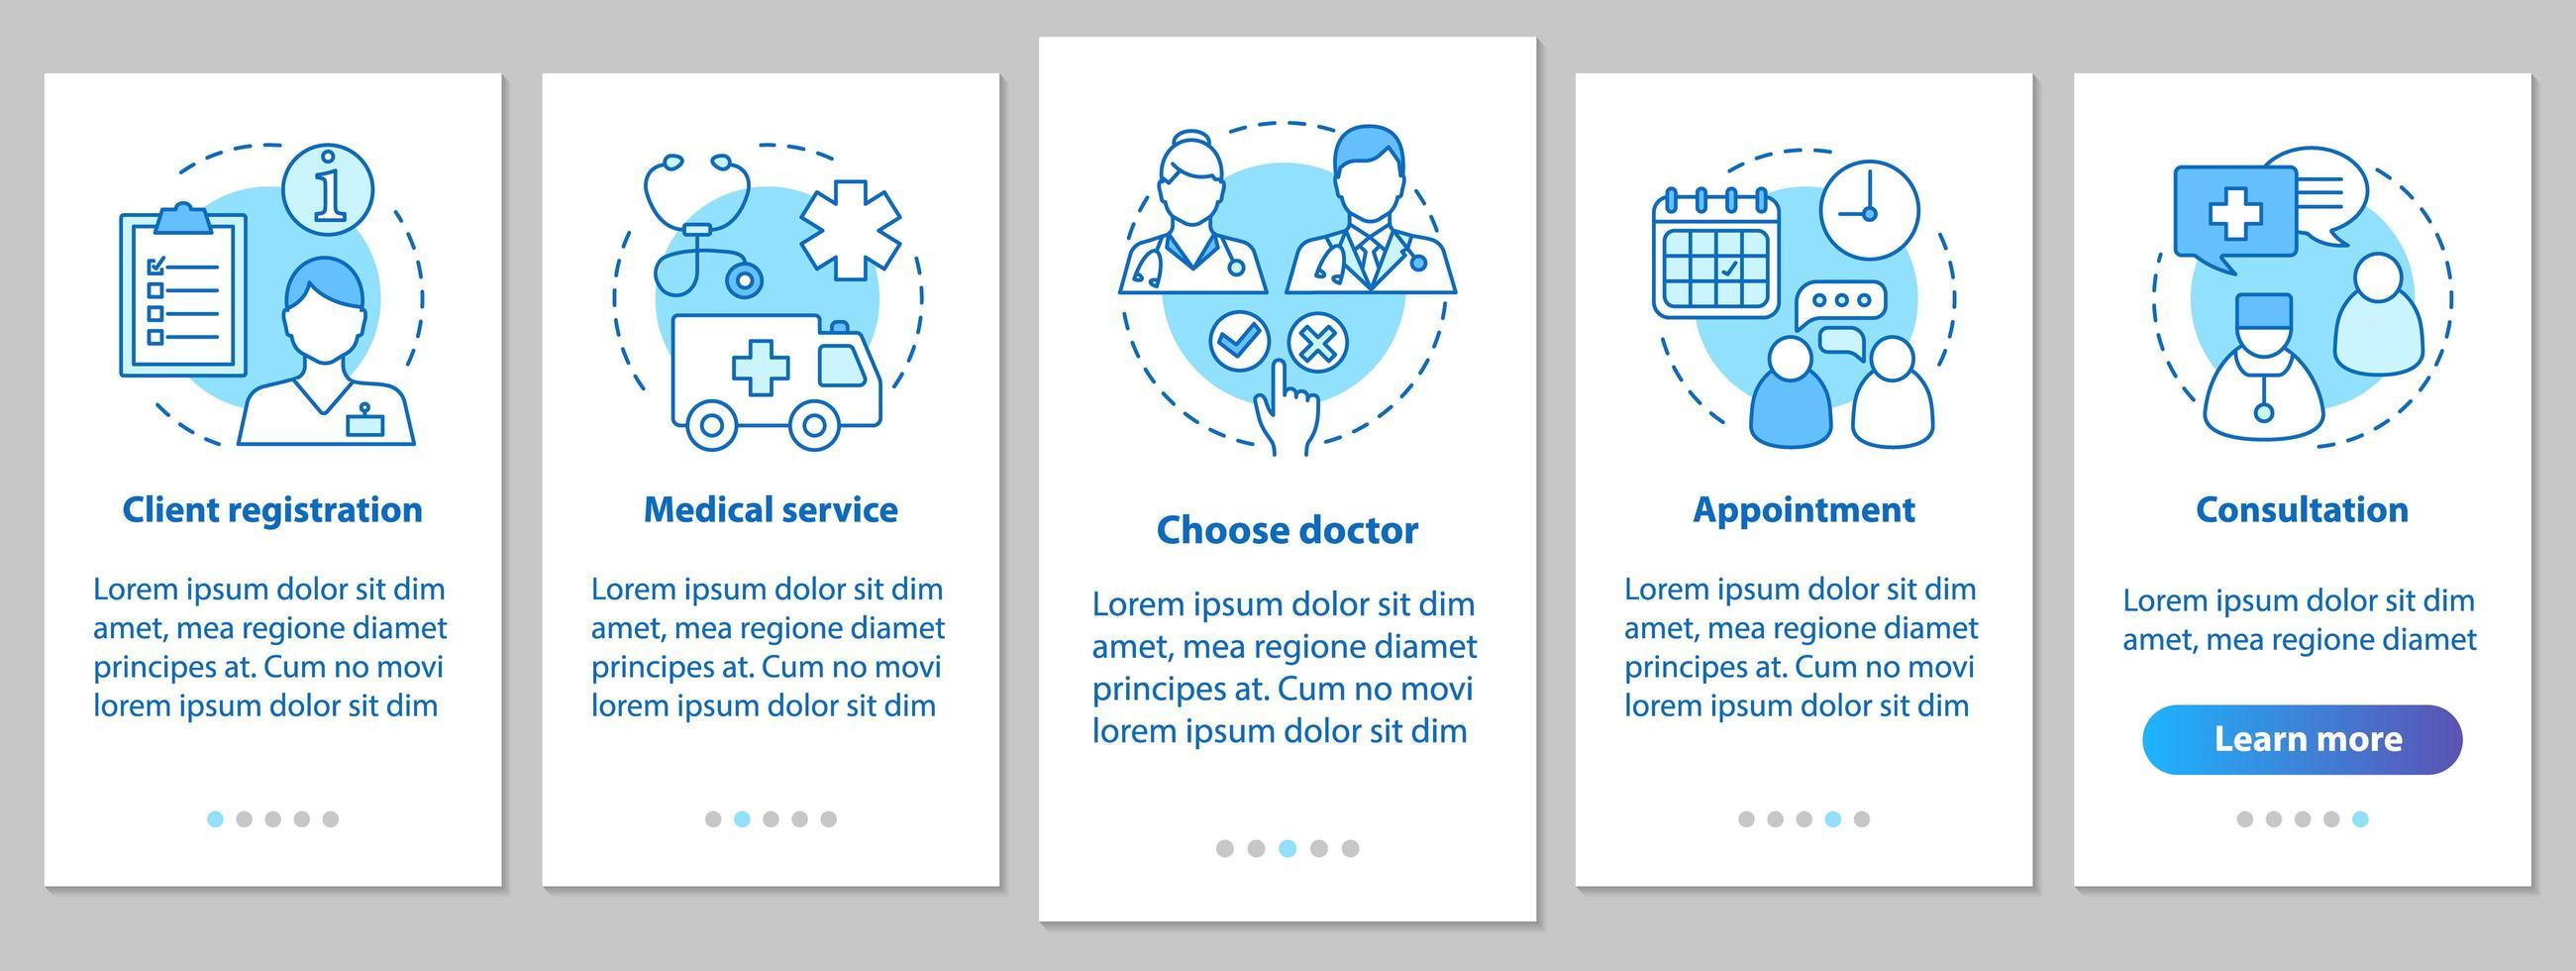 página do aplicativo móvel de integração de serviços médicos vetor